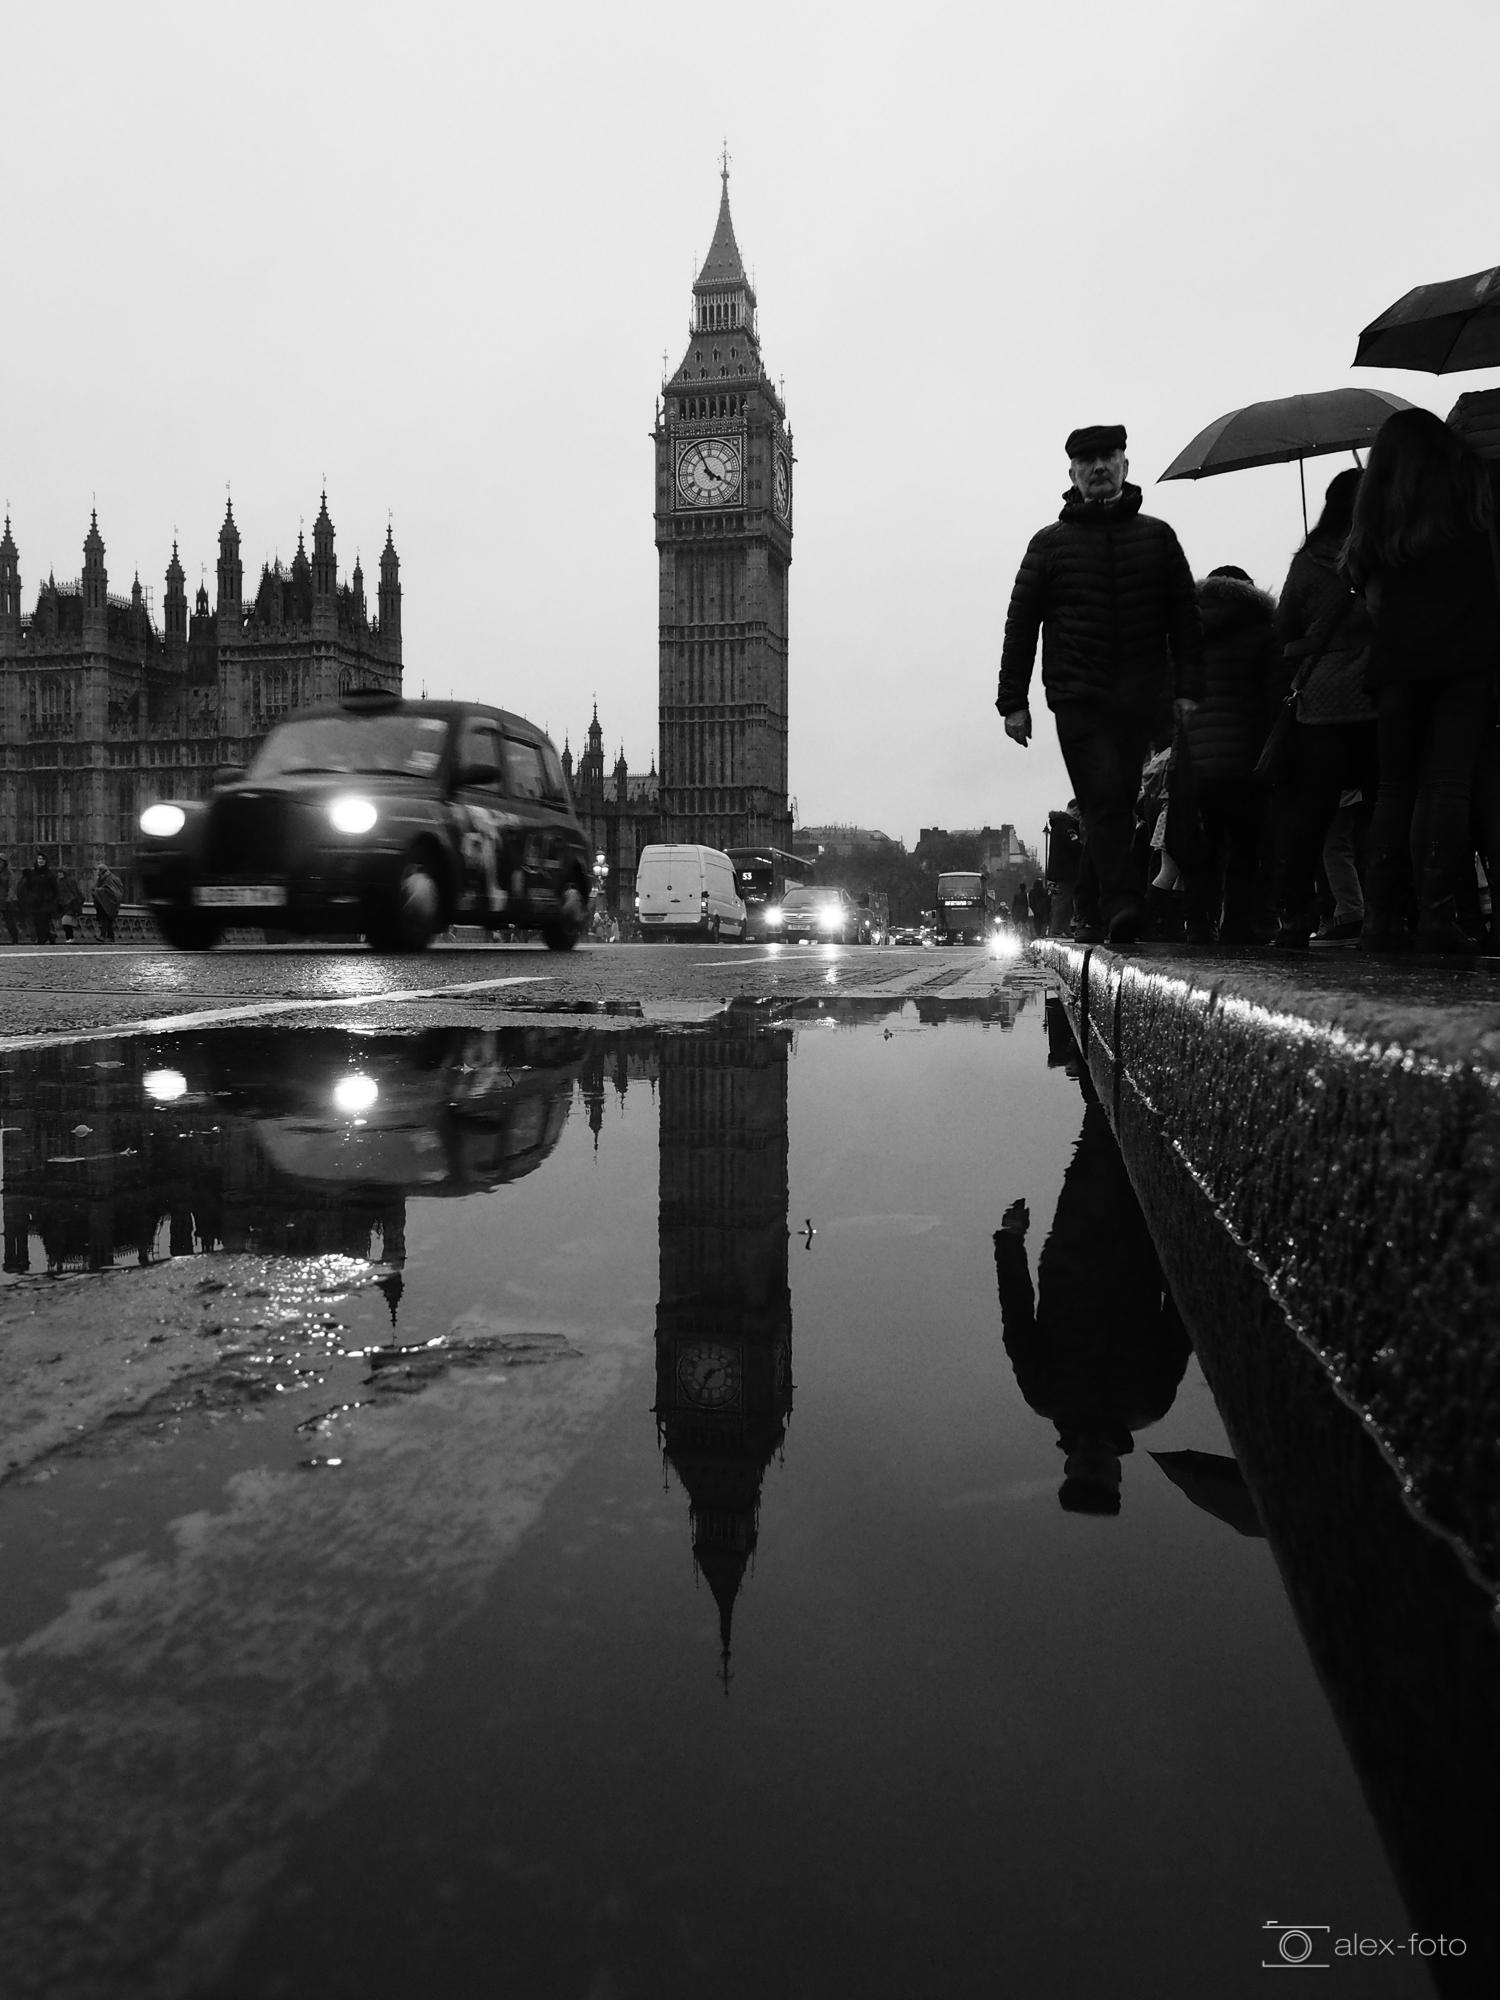 Lichtwert-BestOf_ThomasAlex_021_London.jpg